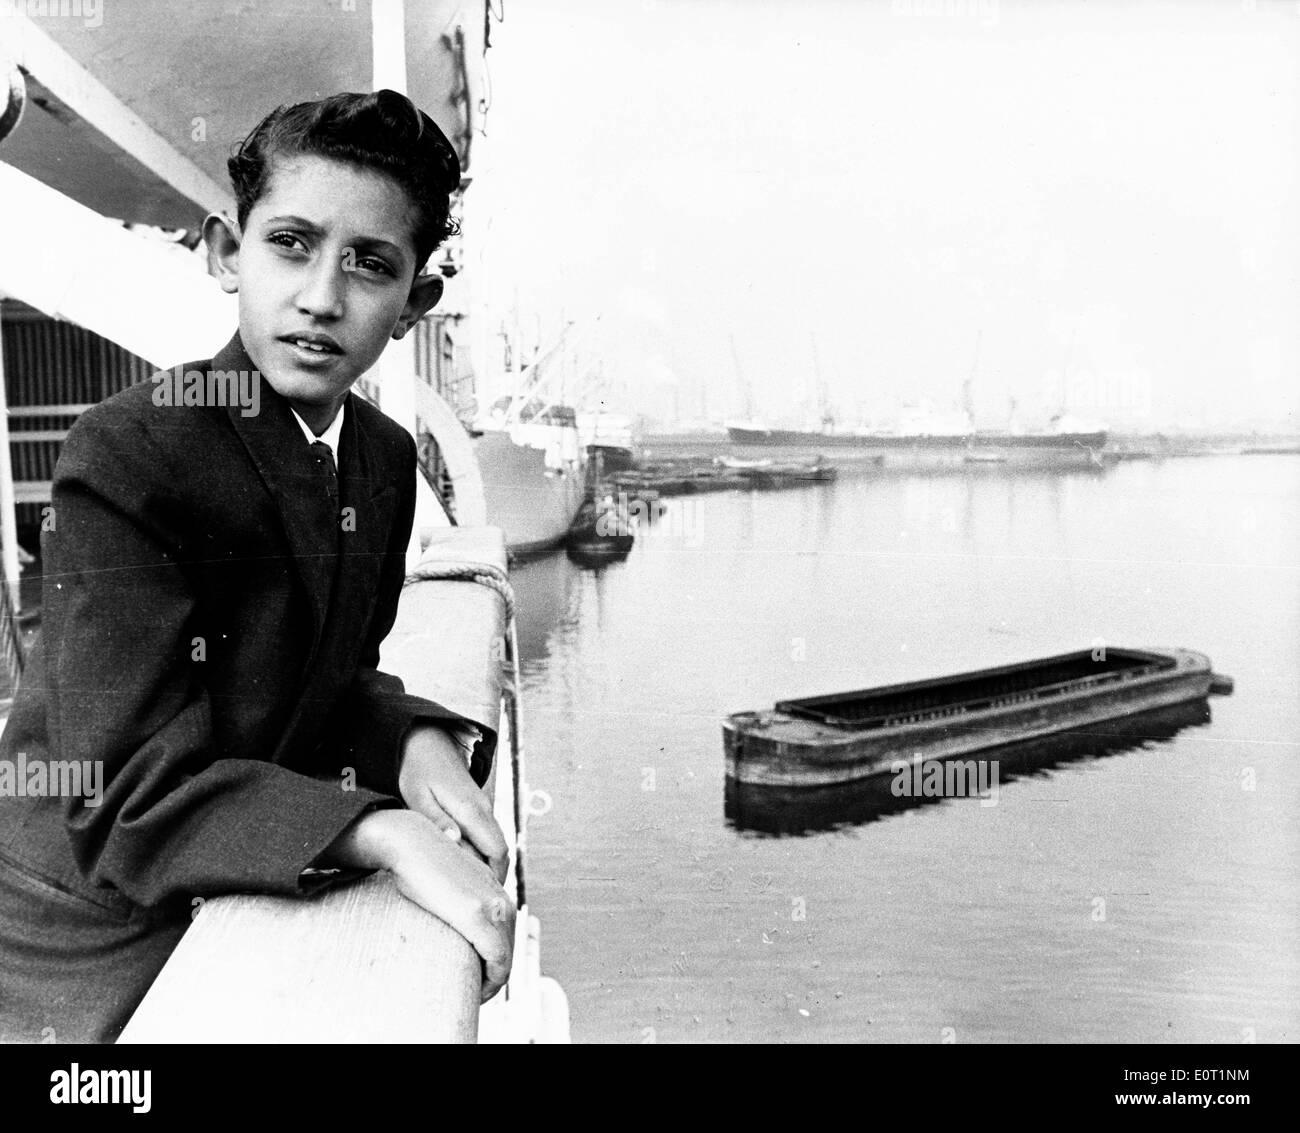 Douze ans Sultan Mahmod arrivant à Tilbury pour sélectionner une école Photo Stock